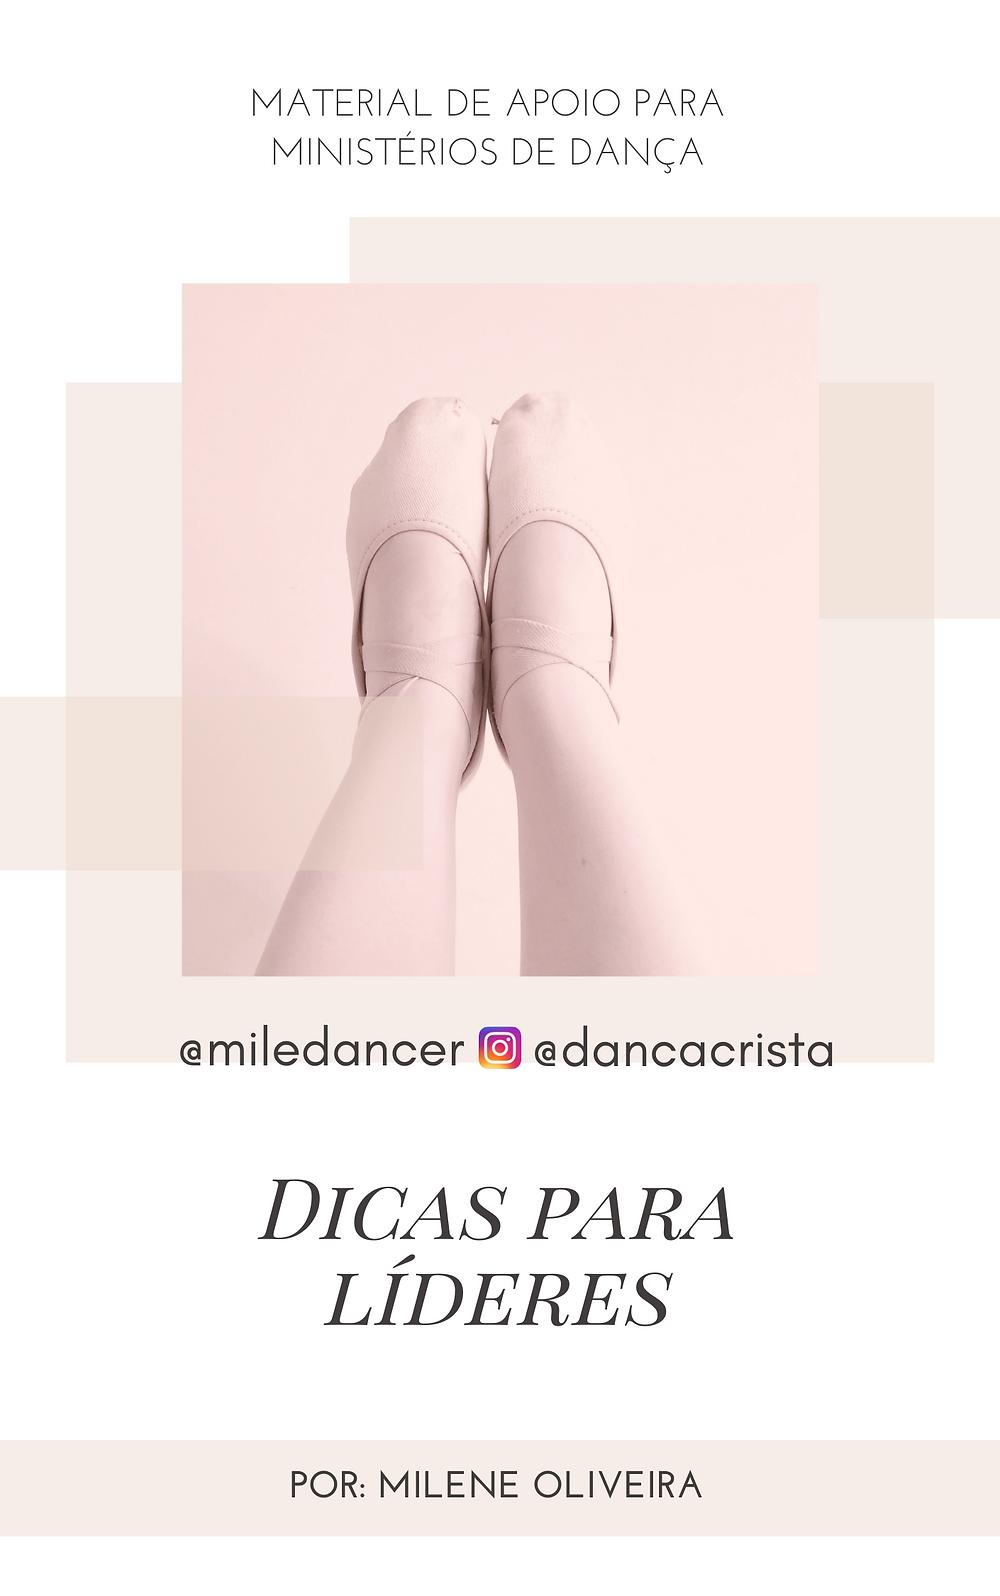 Apostila e estudos grátis para ministério de dança, dança cristã, Milene Oliveira, Ebook Grátis Dicas para Líderes